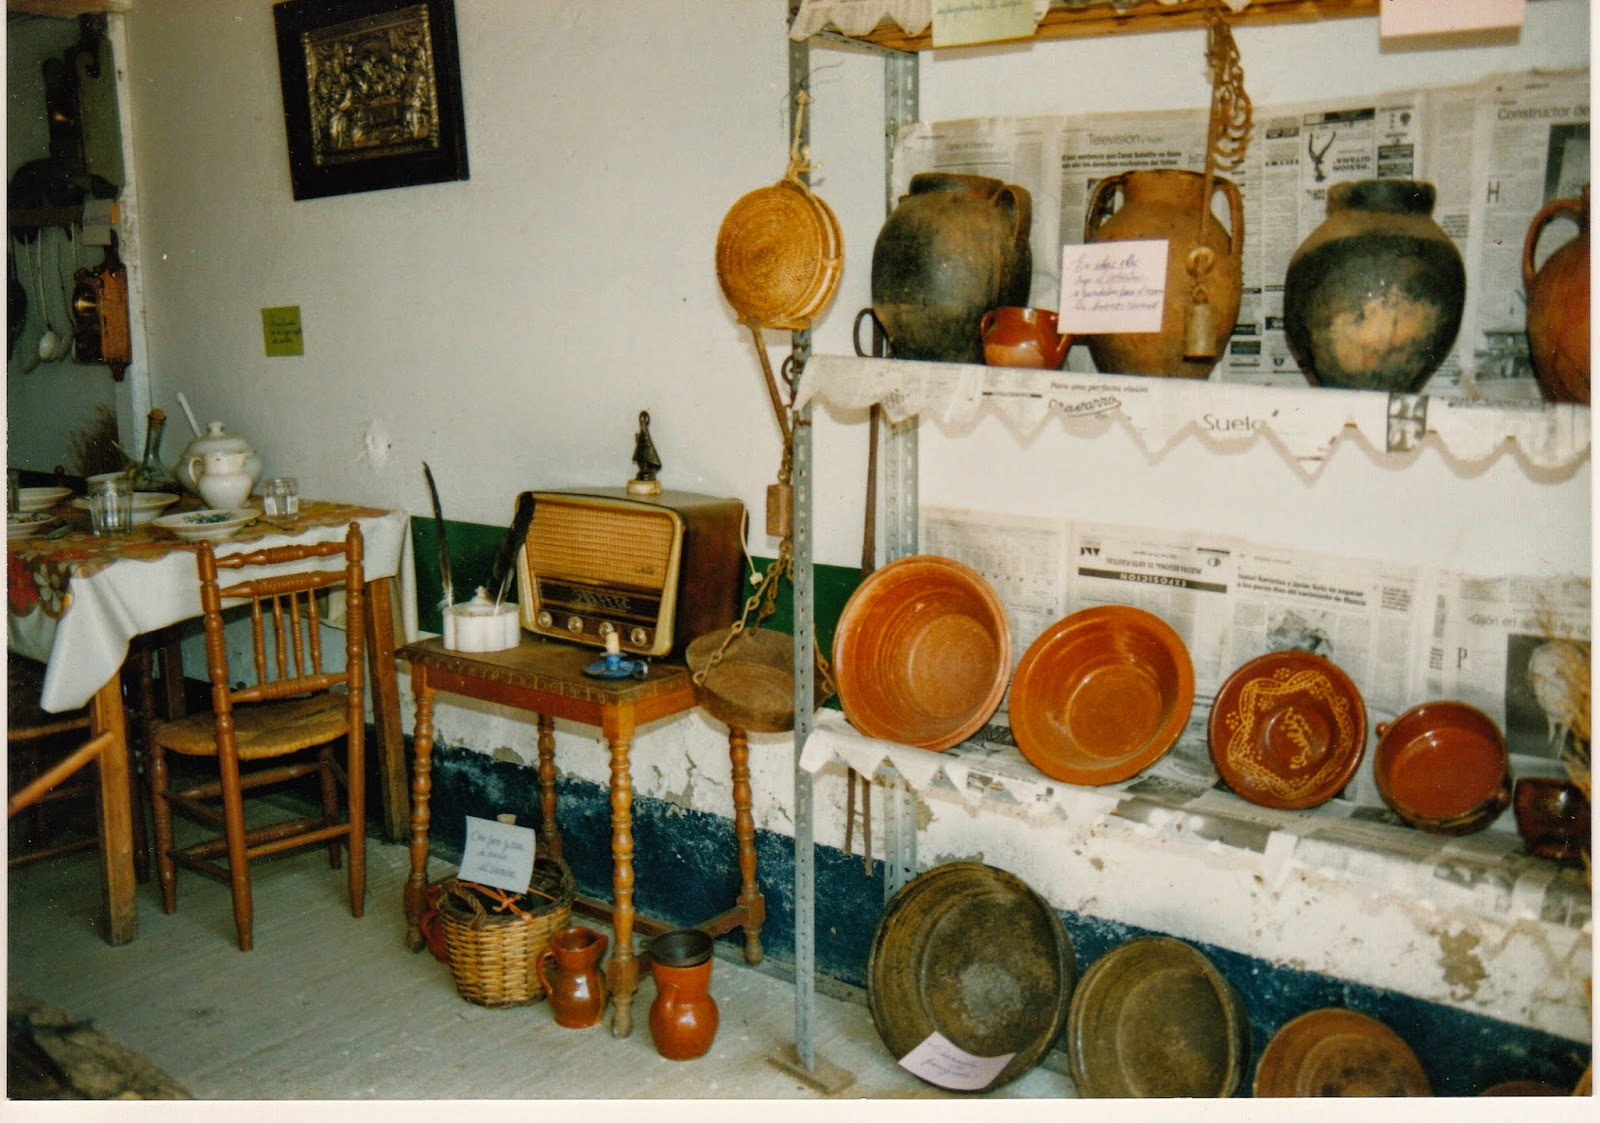 Mozos de cea exposiciones for Utensilios antiguos de cocina